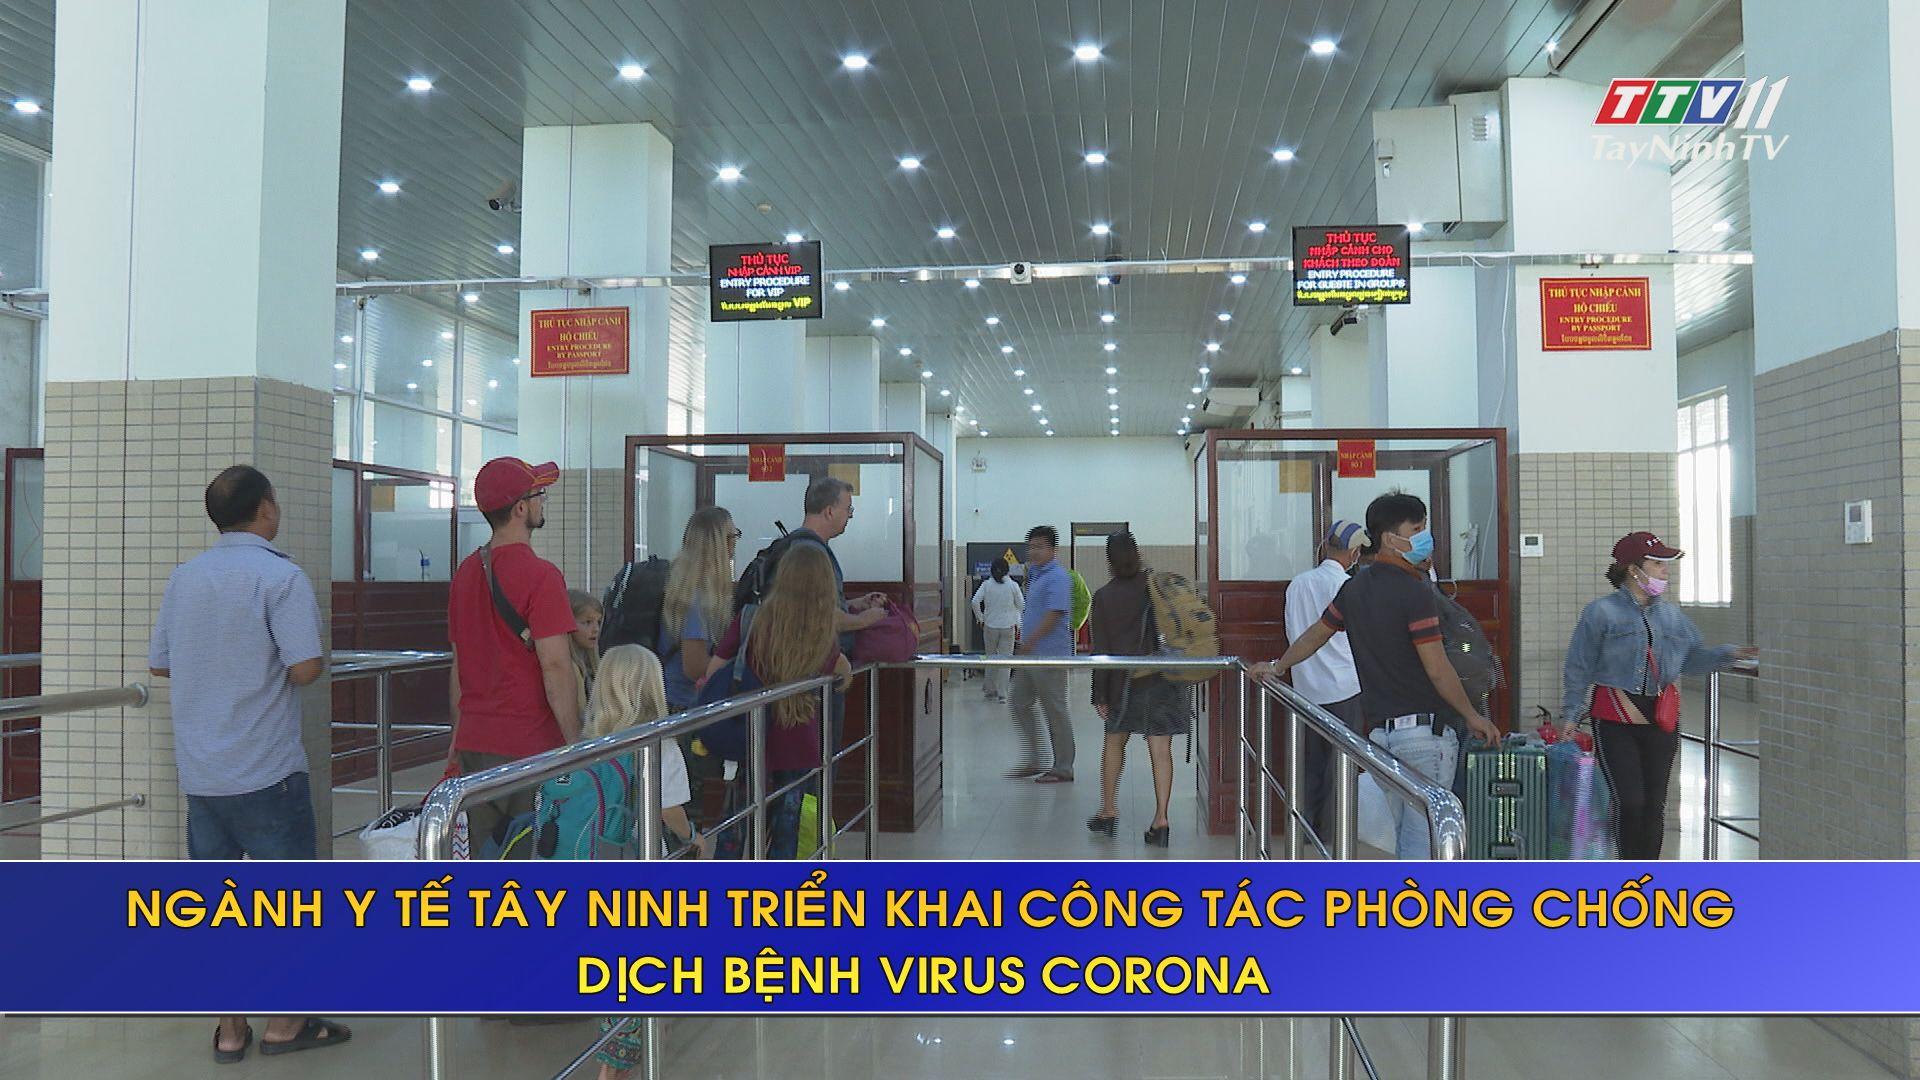 Ngành y tế tỉnh Tây Ninh triển khai phòng chống dịch bệnh Corona | SỨC KHỎE CHO MỌI NGƯỜI |TayNinhTV